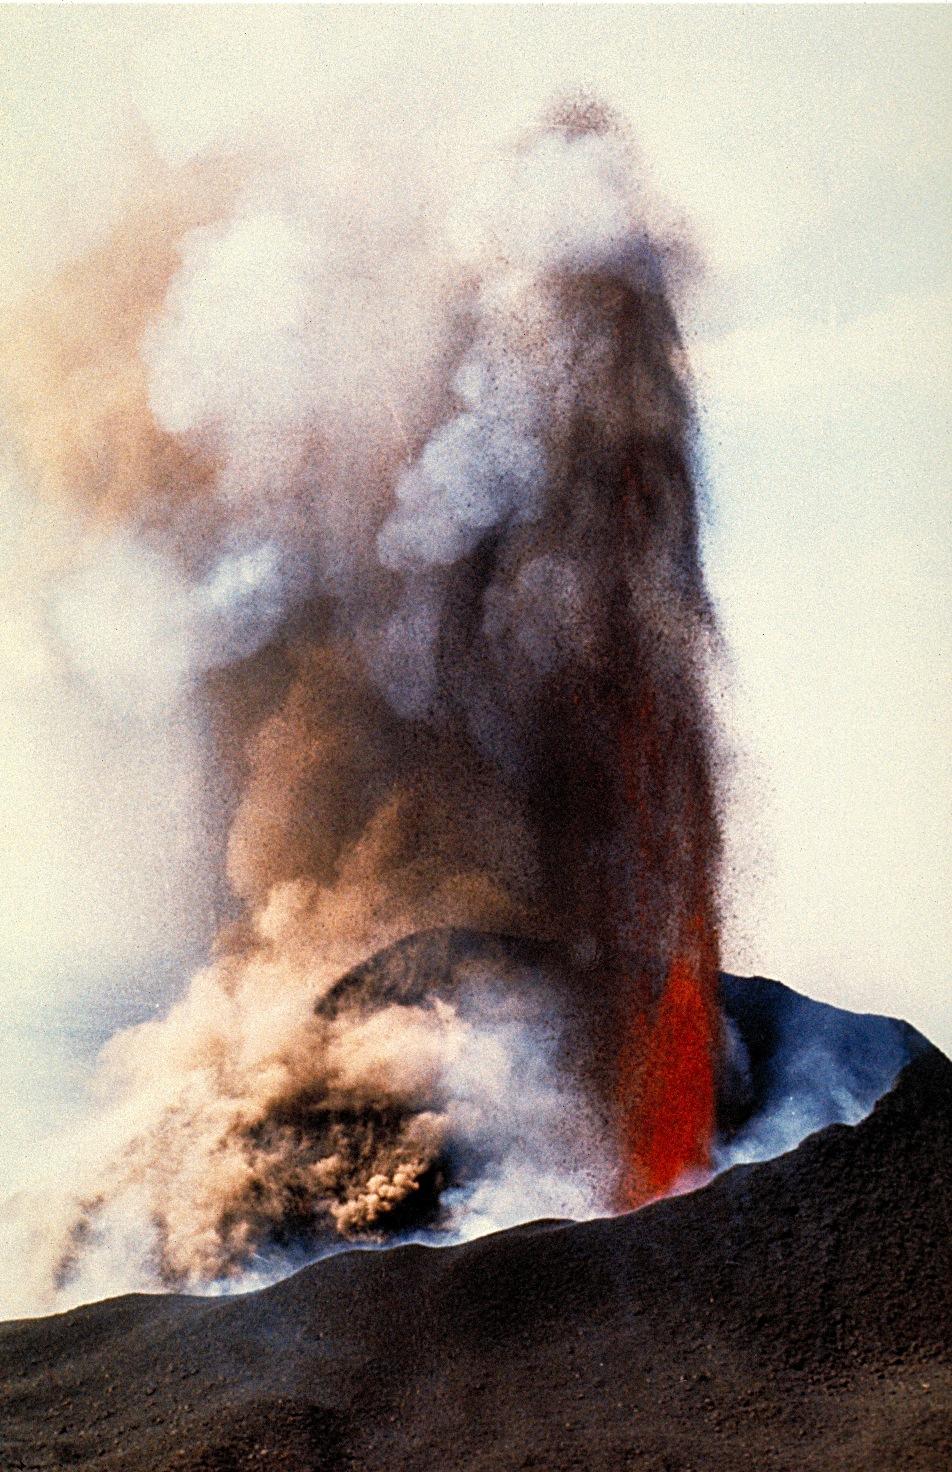 El volcán Teneguía (1971), en plena erupción